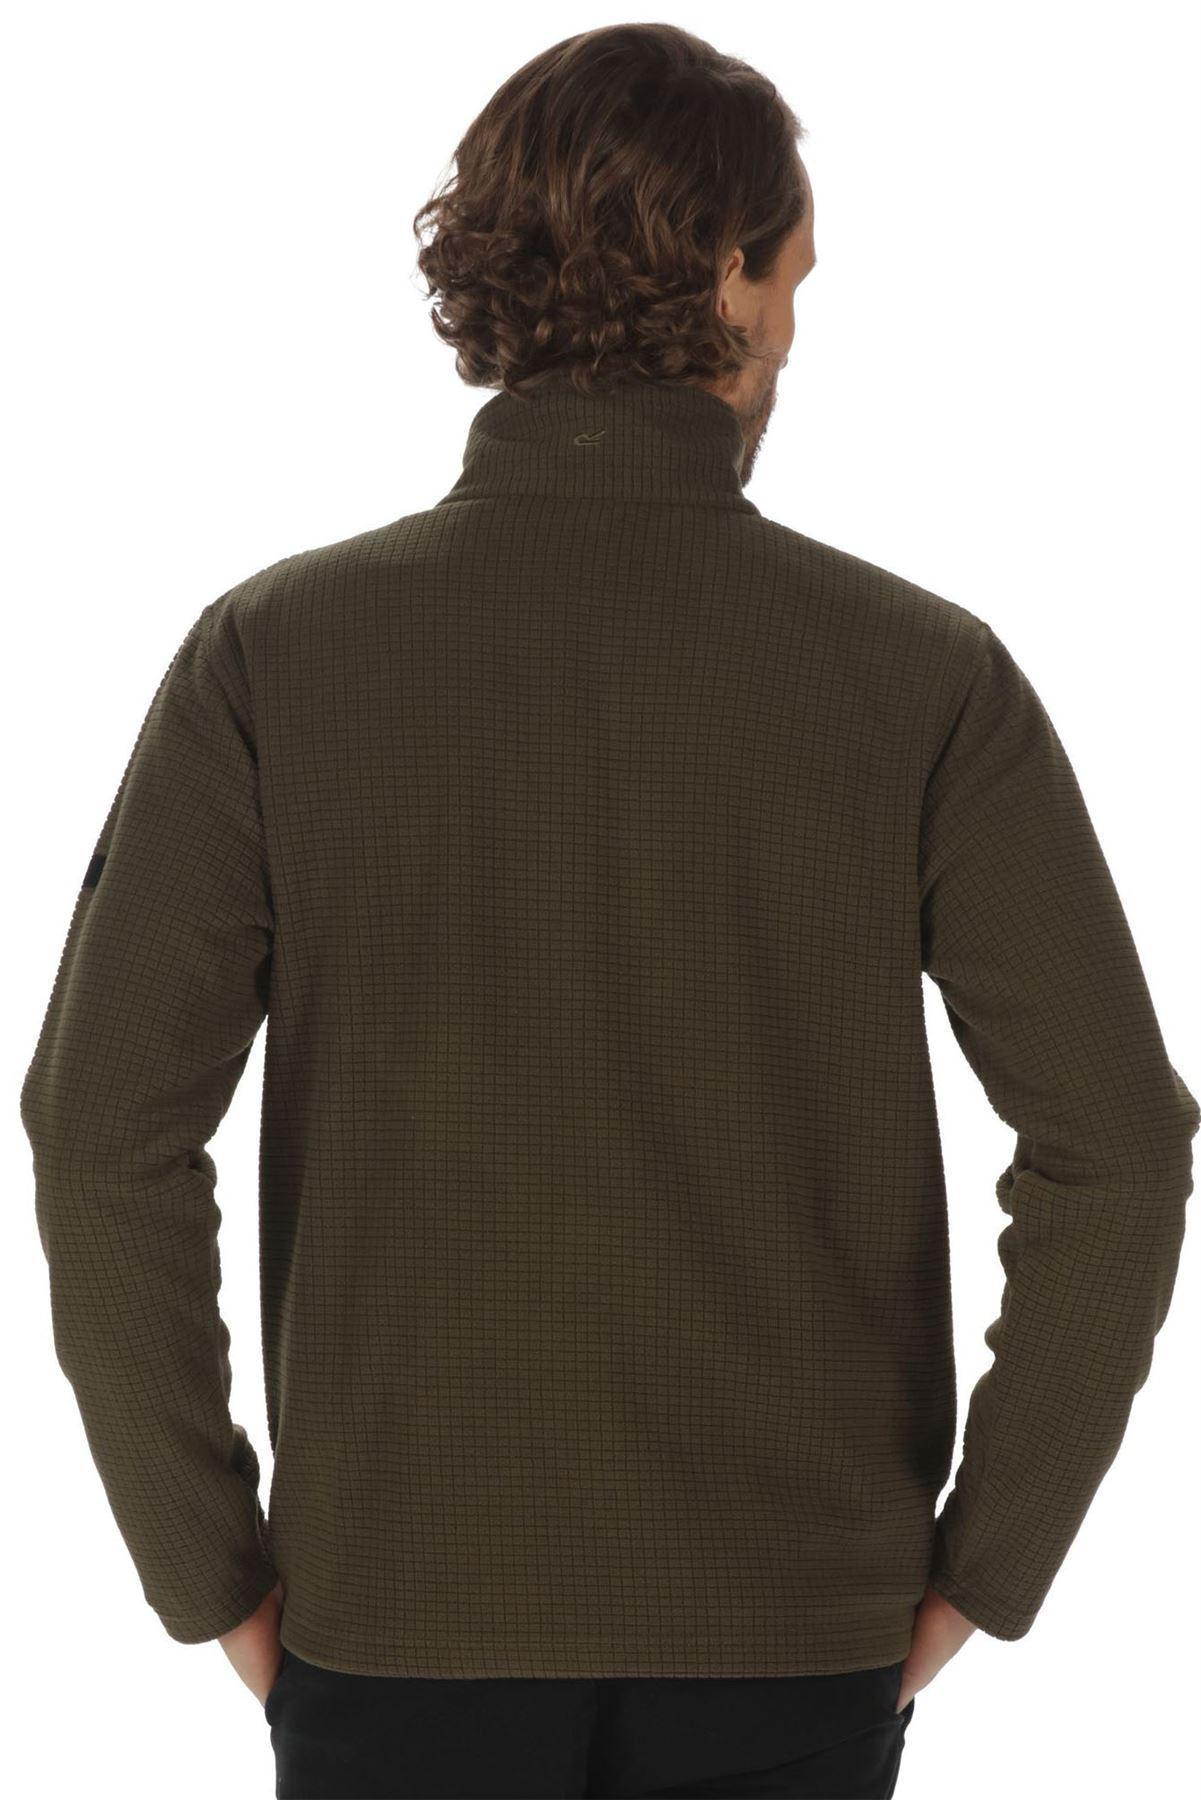 Regatta Elgon II Mens Grid Texture Fleece Half Zip Hiking Activewear